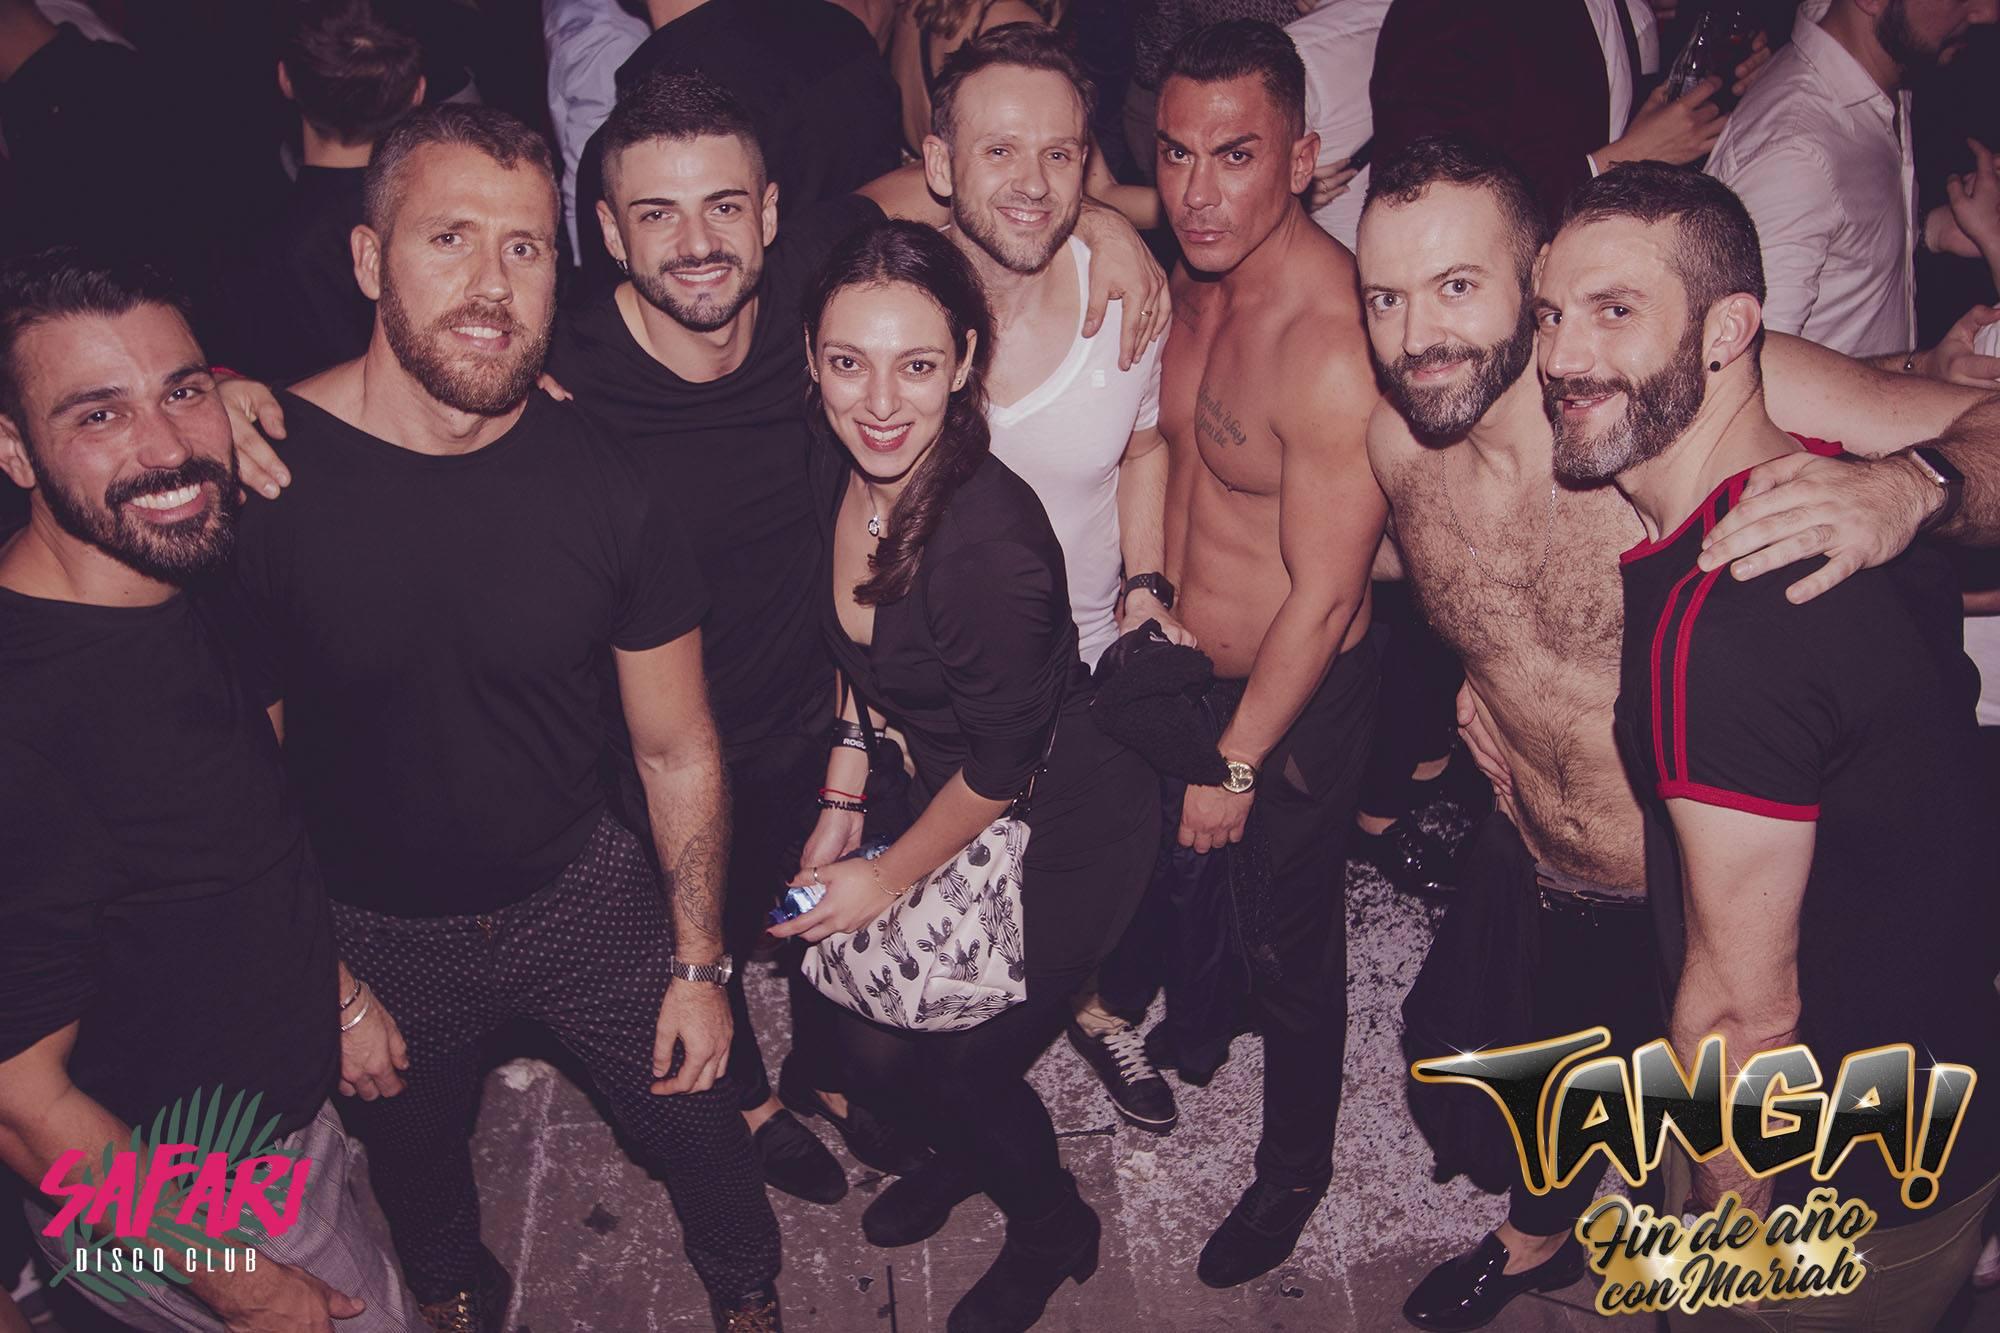 Safari Disco Club Barcelone